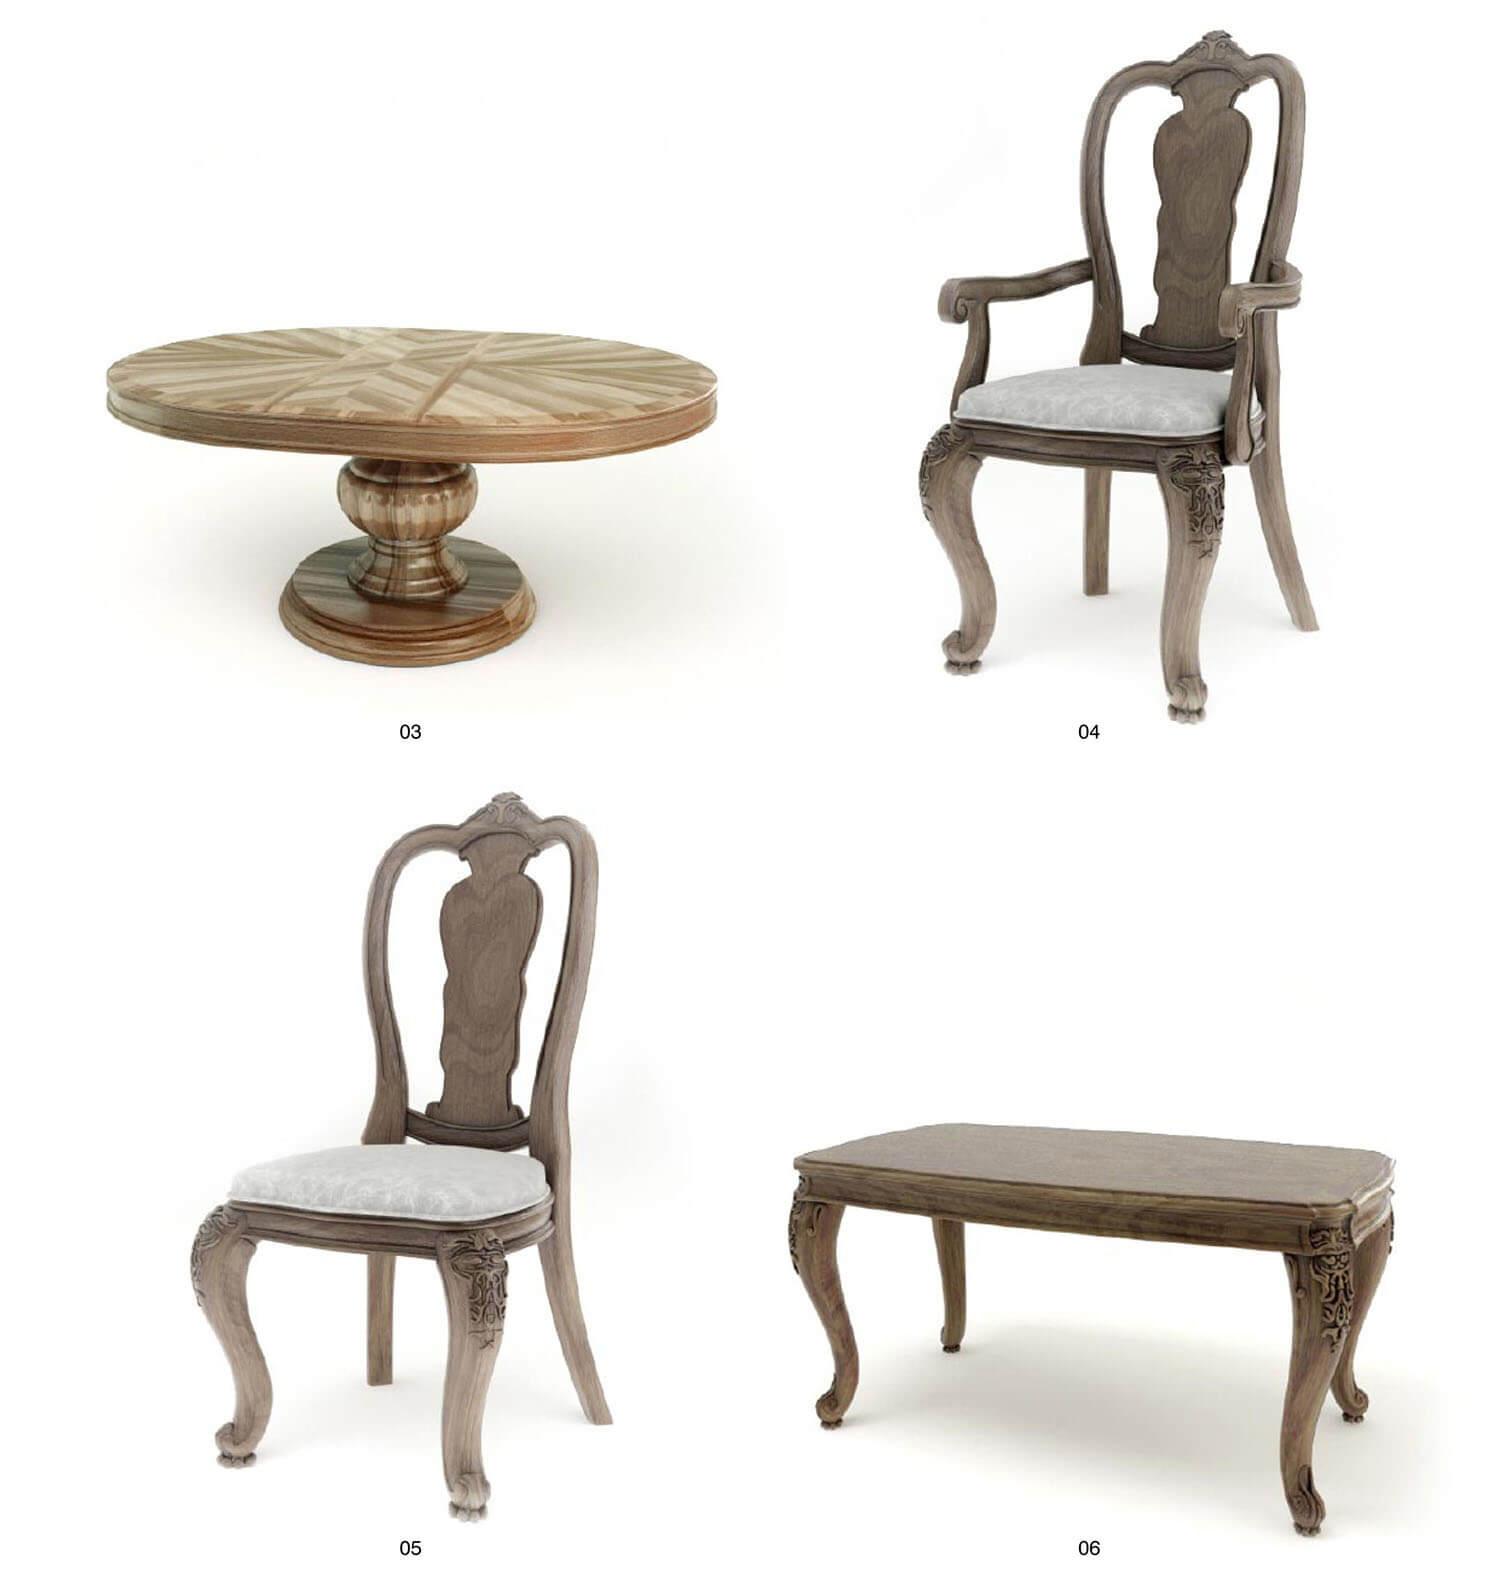 bàn ghế rời rạc này có thể ghép thành bộ hoàn chỉnh tùy theo các kiến trúc sư nội thất